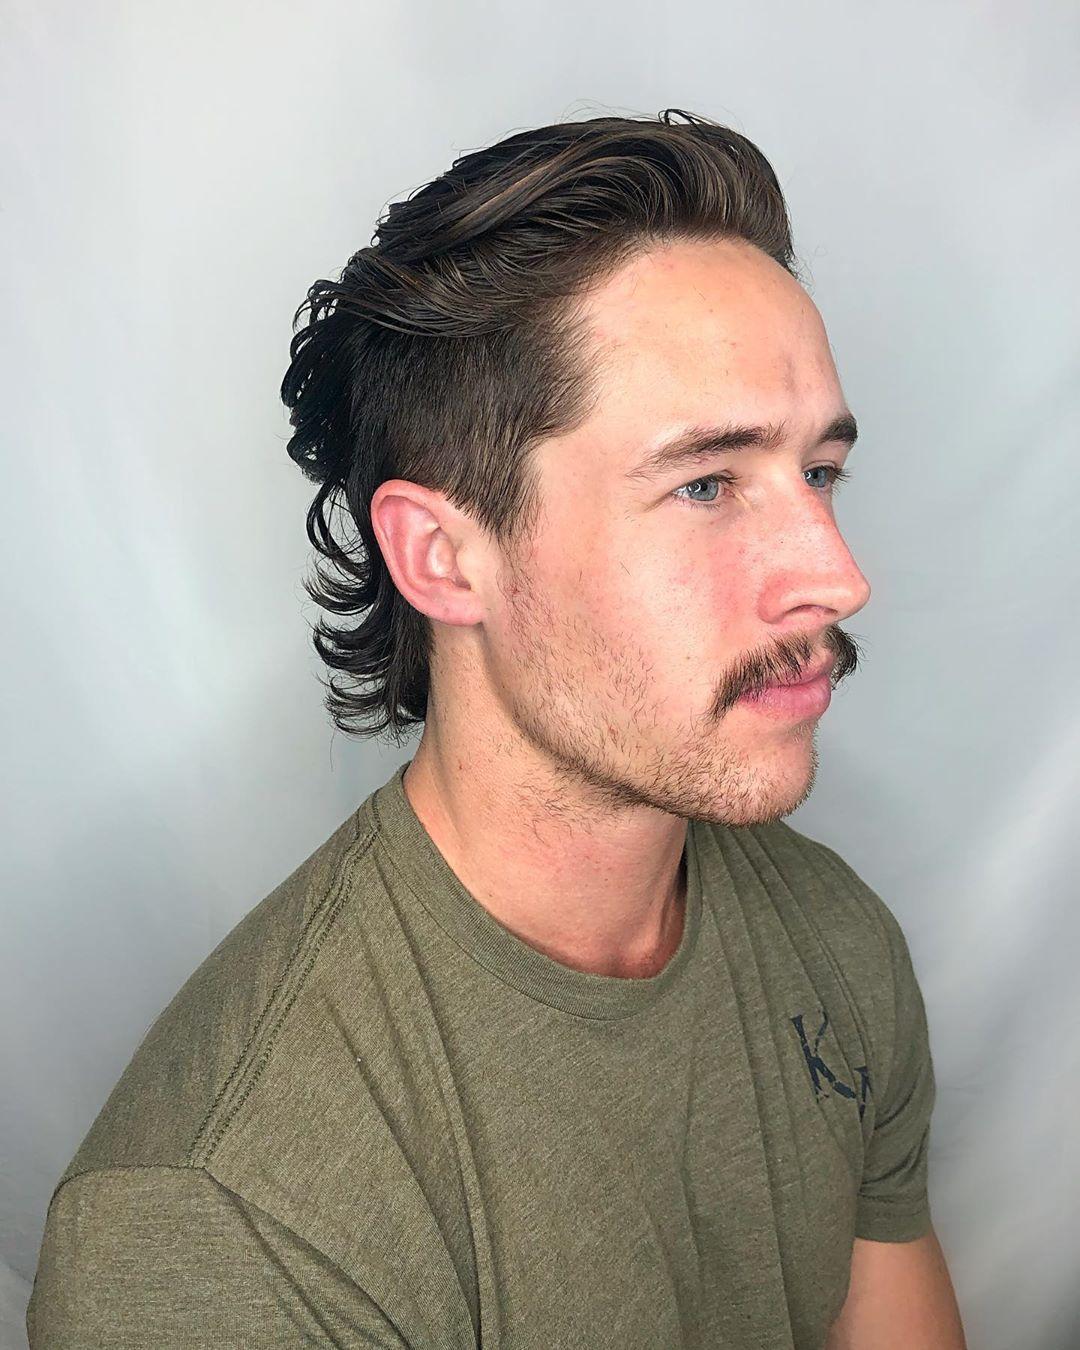 Homme aux cheveux bruns dans un mulet rétro à dos lisse